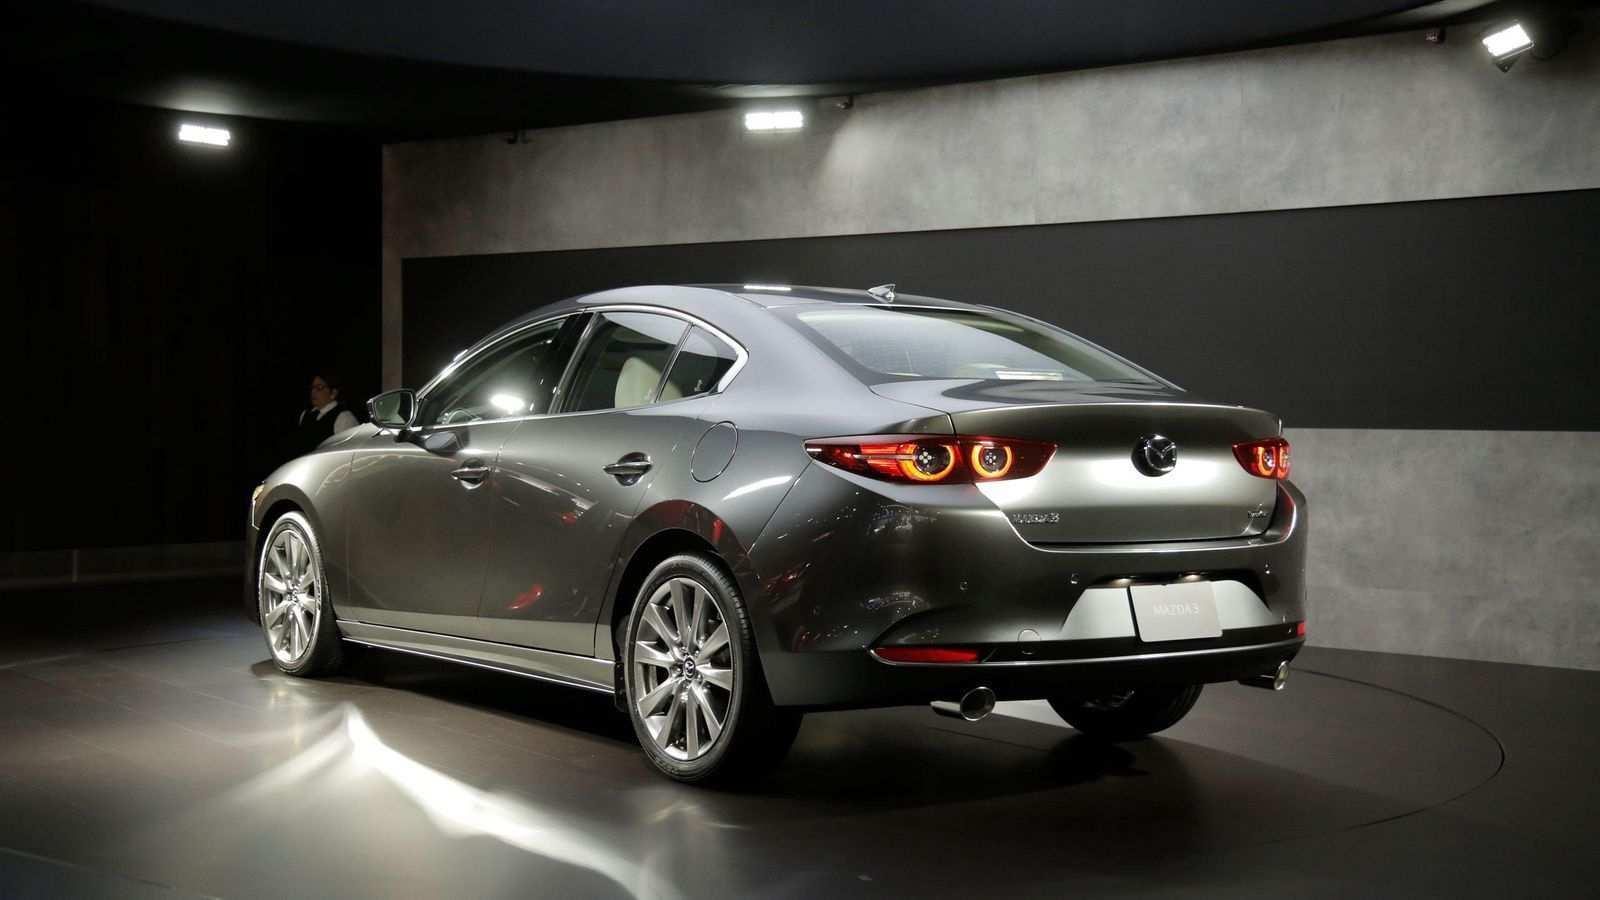 73 All New Cuando Sale El Mazda 3 2019 Style for Cuando Sale El Mazda 3 2019